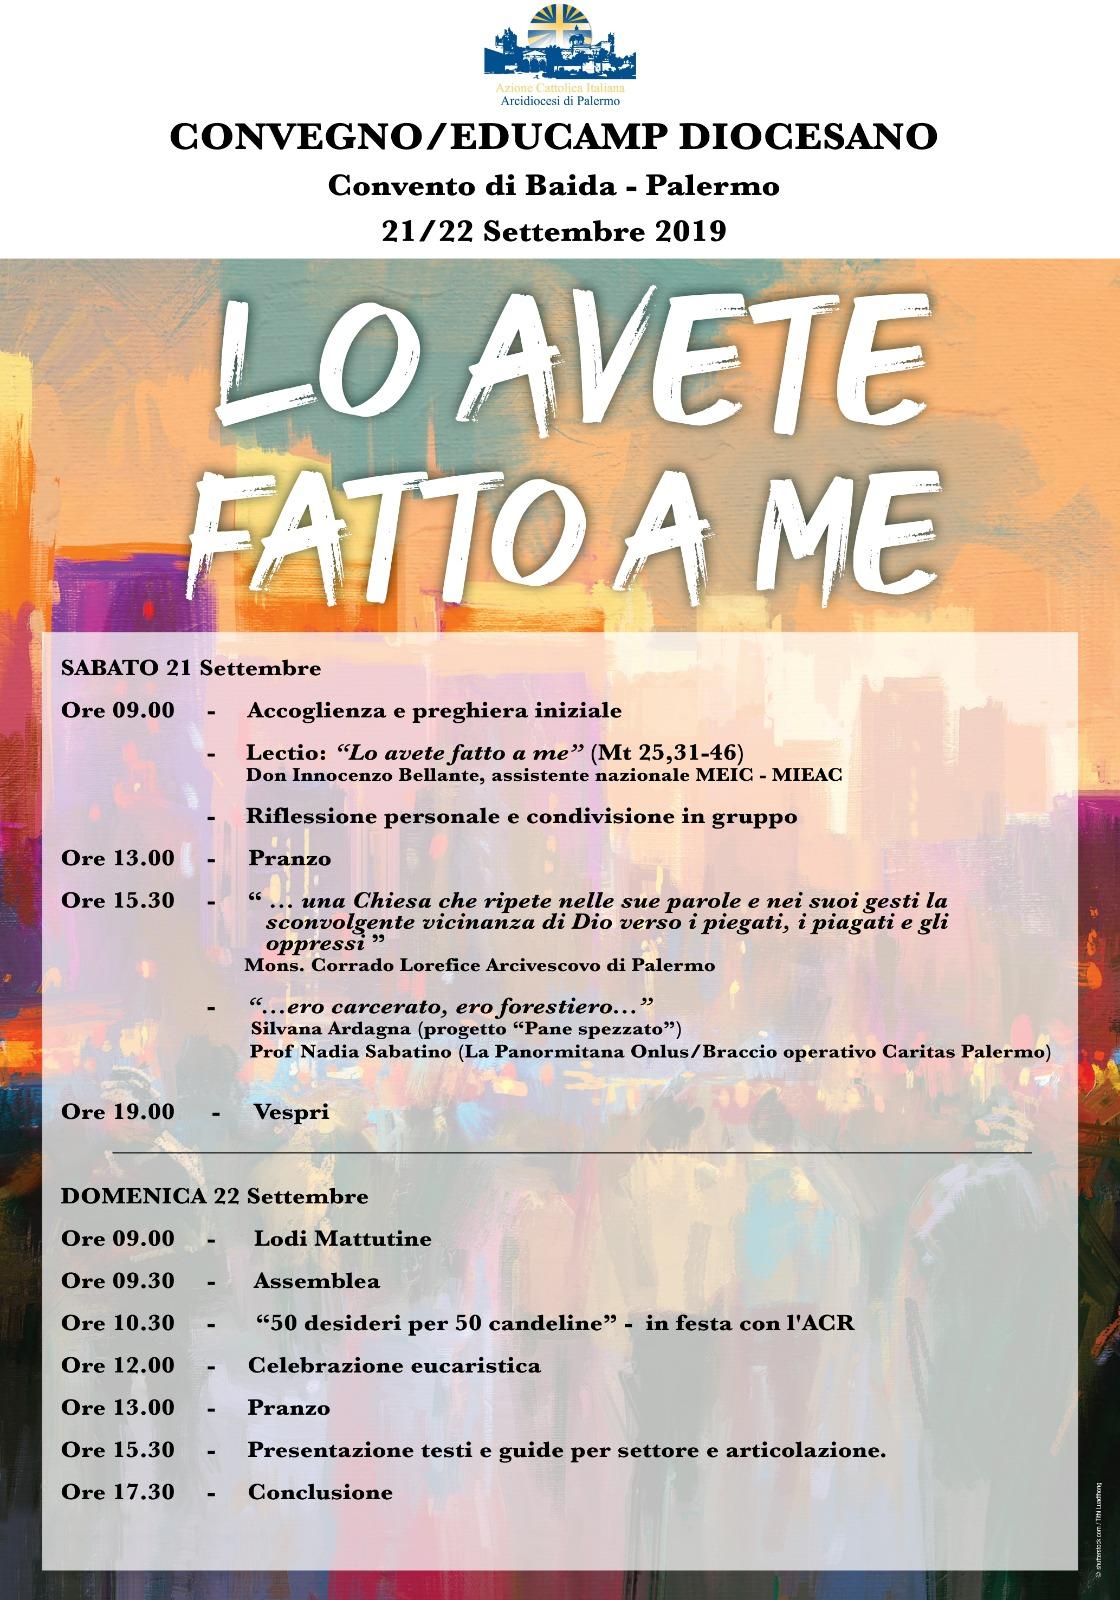 Convegno/Educamp Diocesano di Azione Cattolica